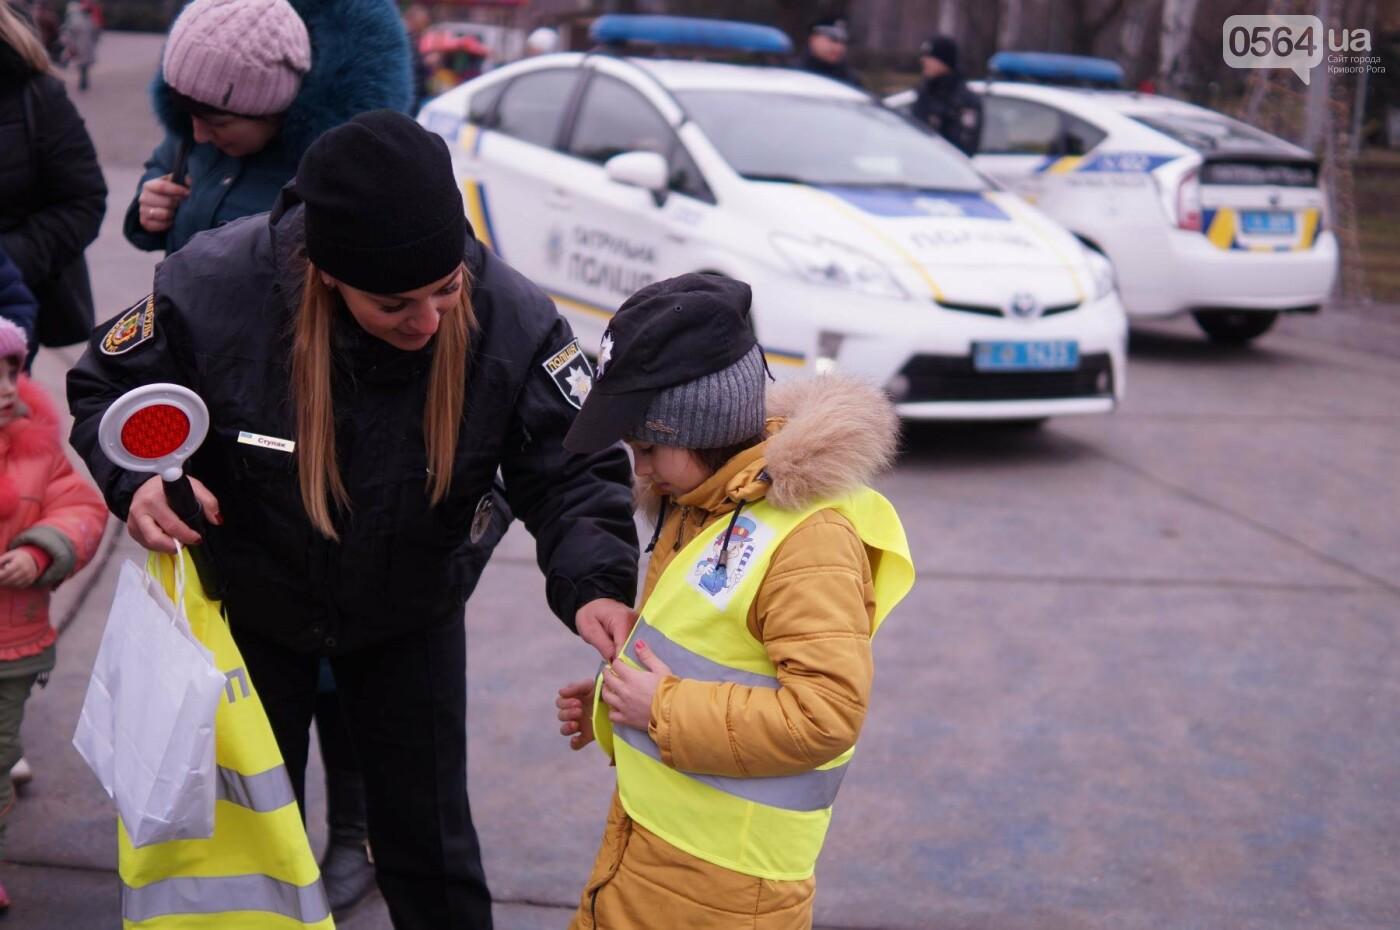 Встреча криворожских полицейских с детьми закончилась преждевременно (ФОТО), фото-8